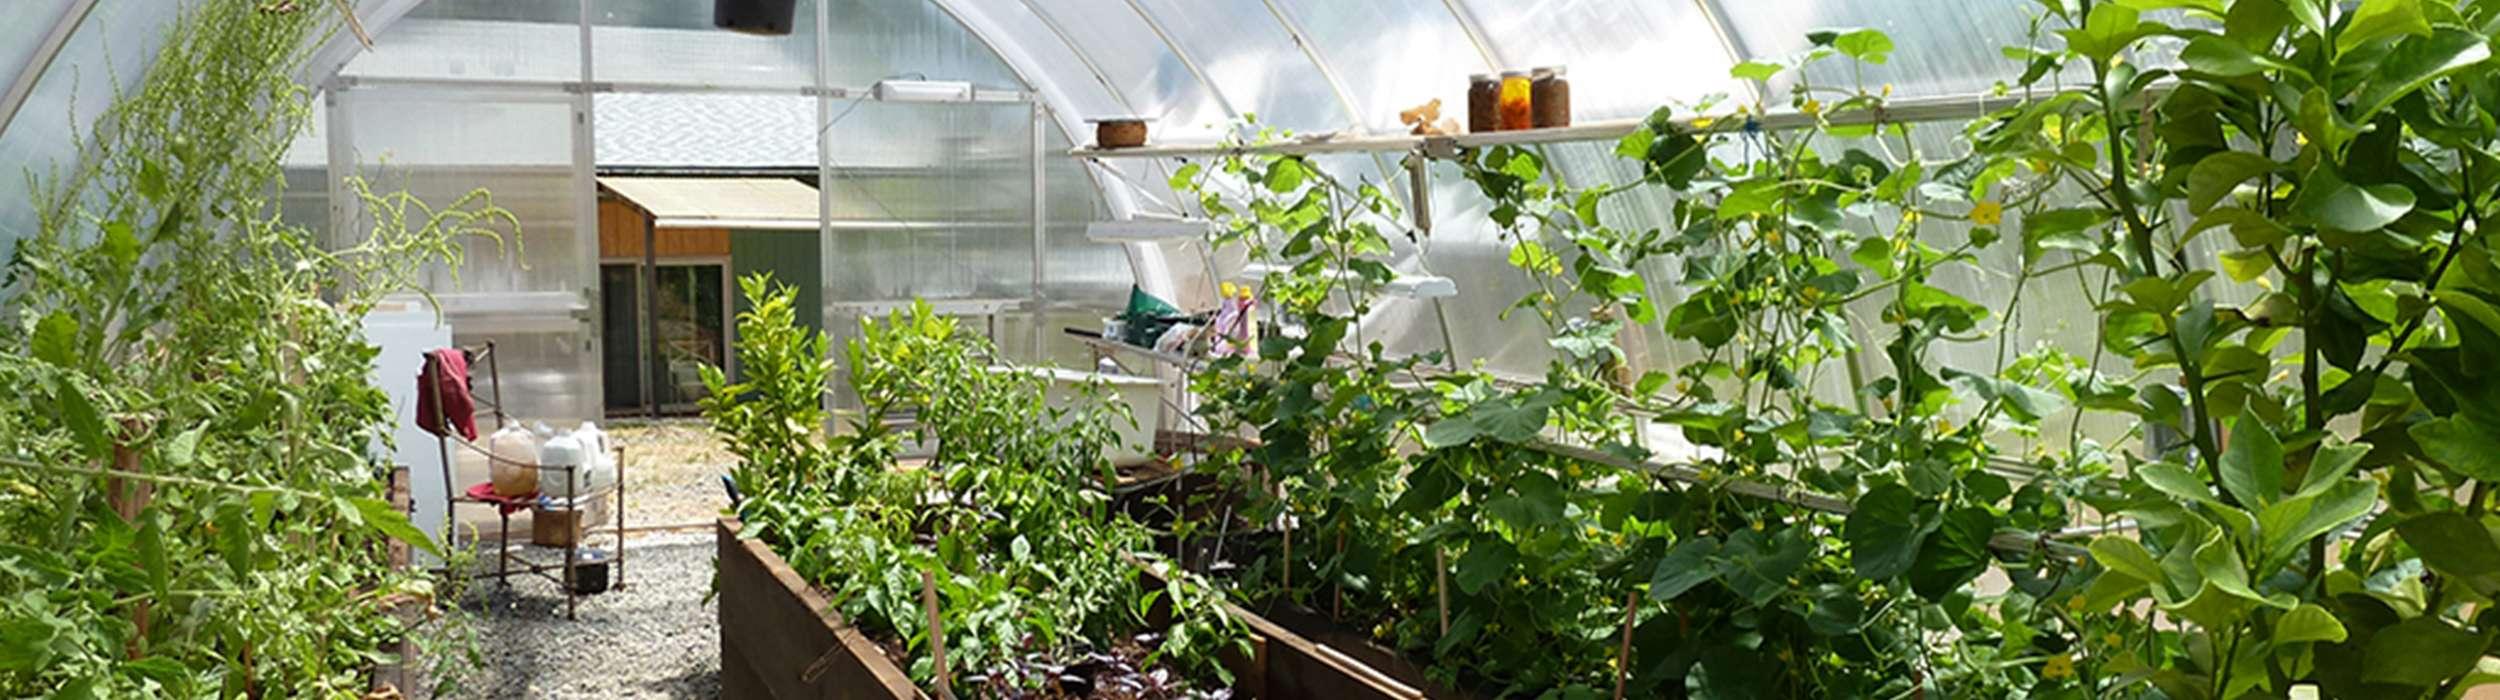 Gemuse Im Gewachshaus Tomaten Paprika Gurken Gewachshaus